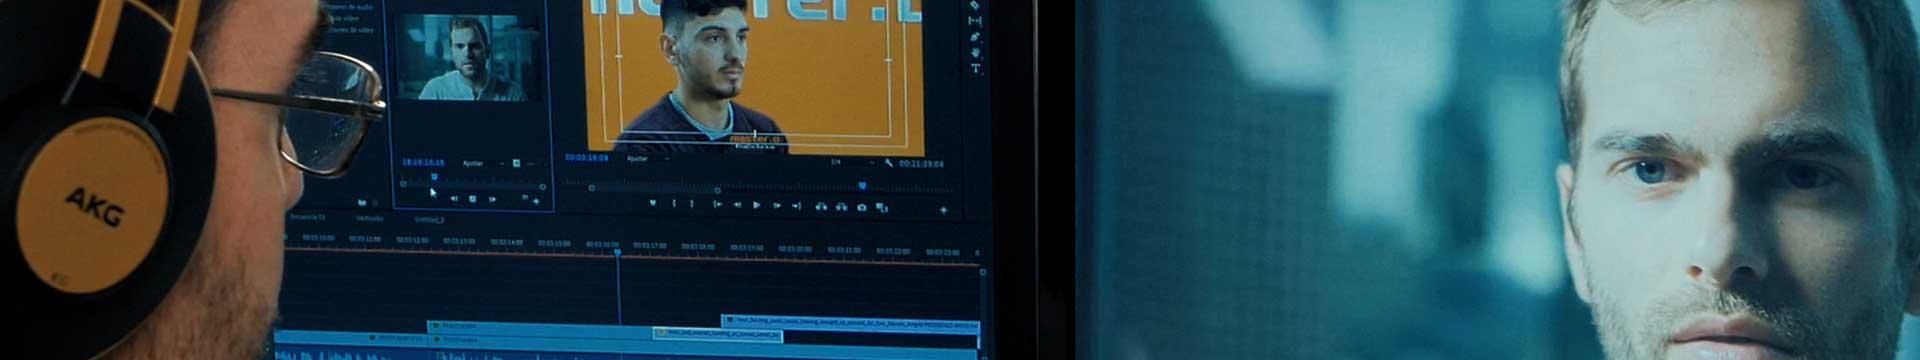 Edición y Posproducción de Video